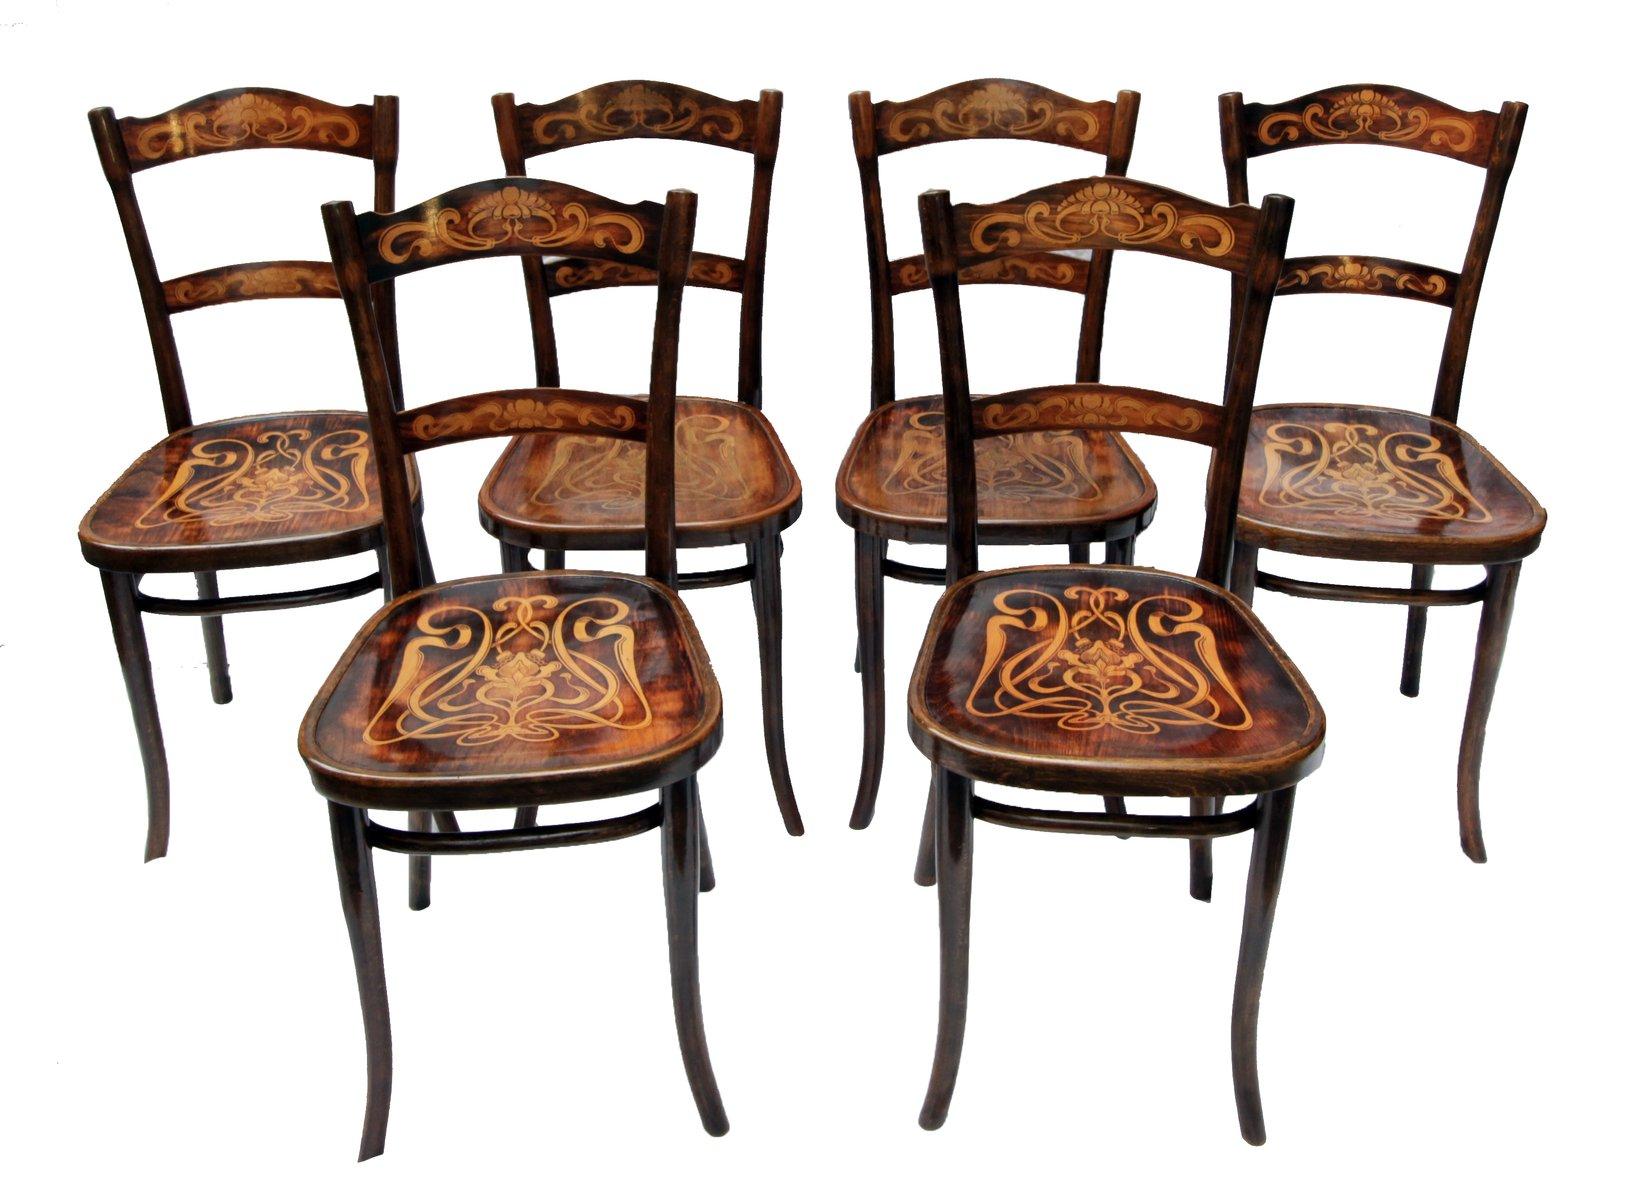 Antike dekorierte bugholz esszimmerst hle von thonet 6er for Thonet esszimmerstuhle